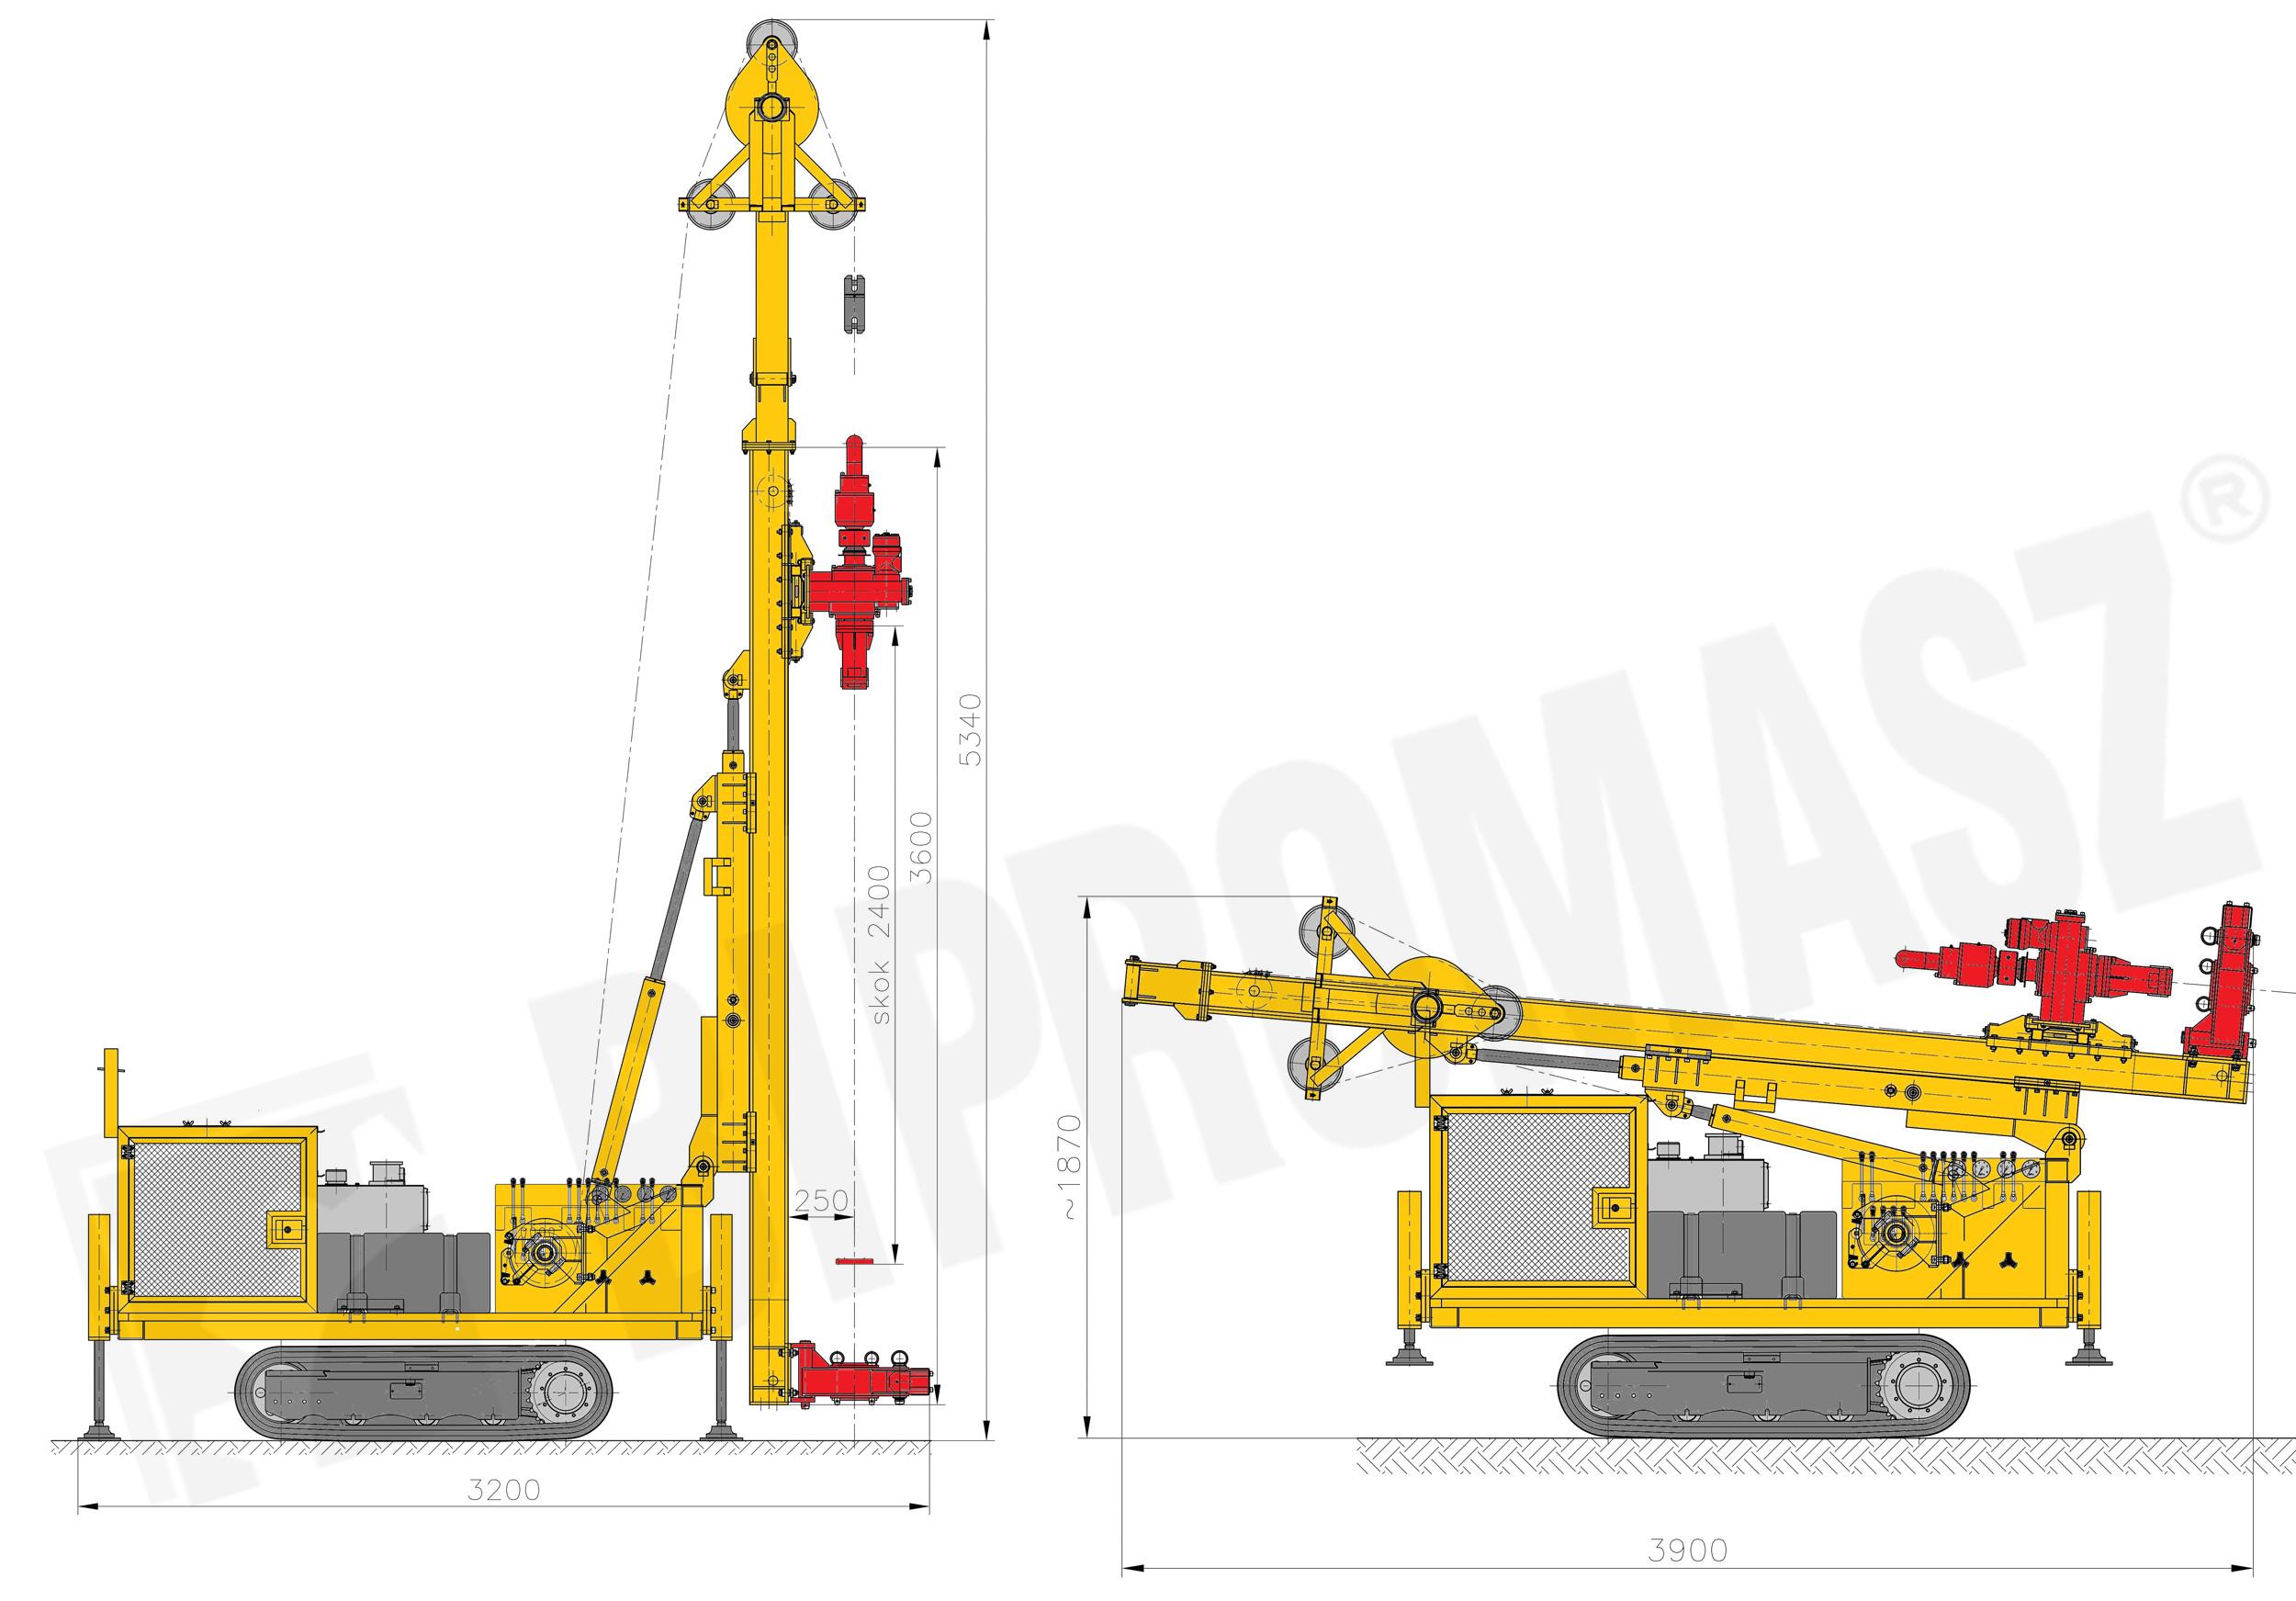 Lekka wiertnica gąsienicowa do pomp ciepła i studni typu MWG-2 produkcji Bipromasz - rysunki techniczne